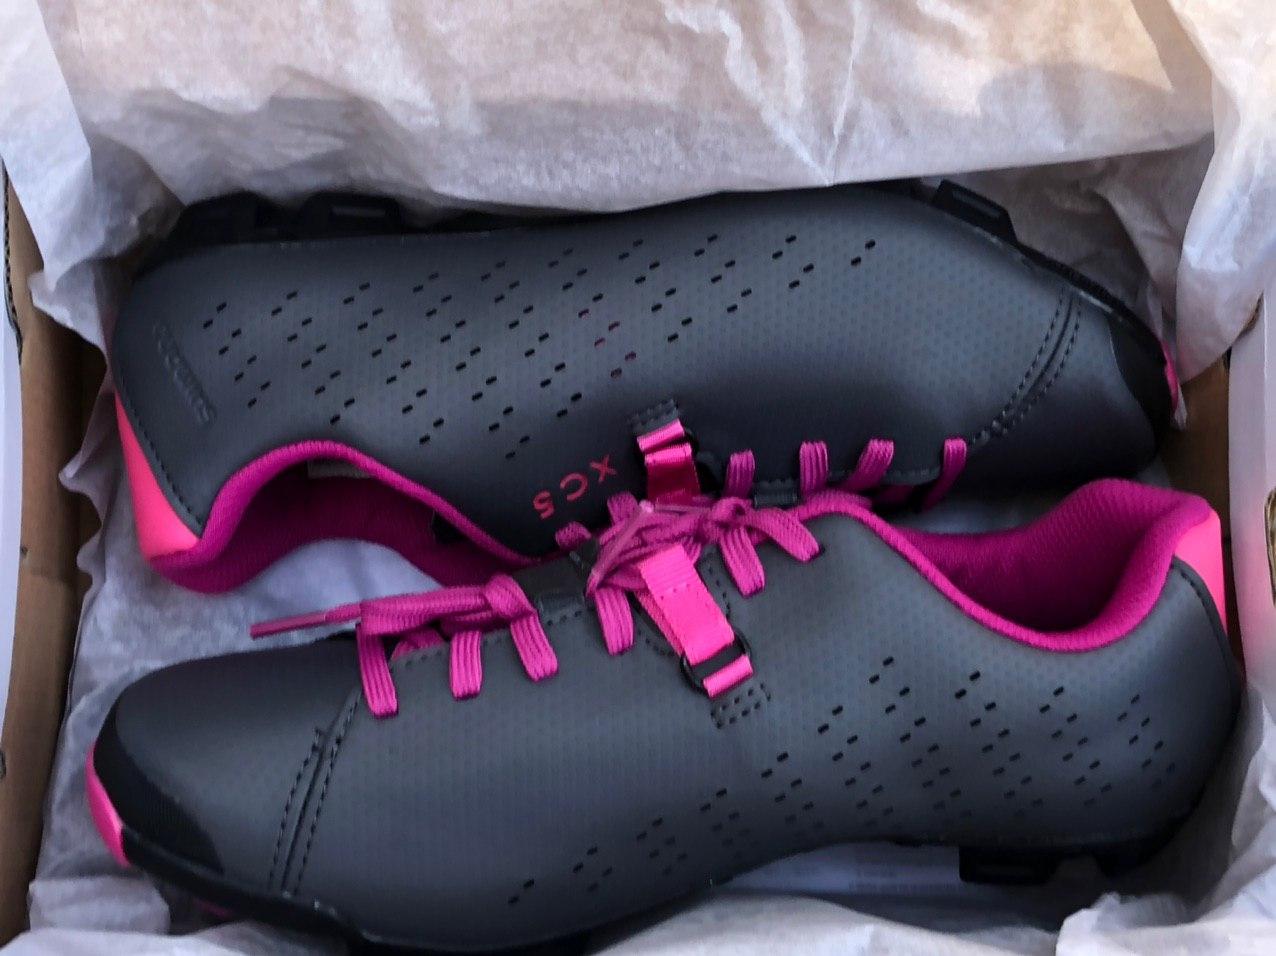 Shimano XC5 Bike Cycling Shoes Gray/Magenta 6.5